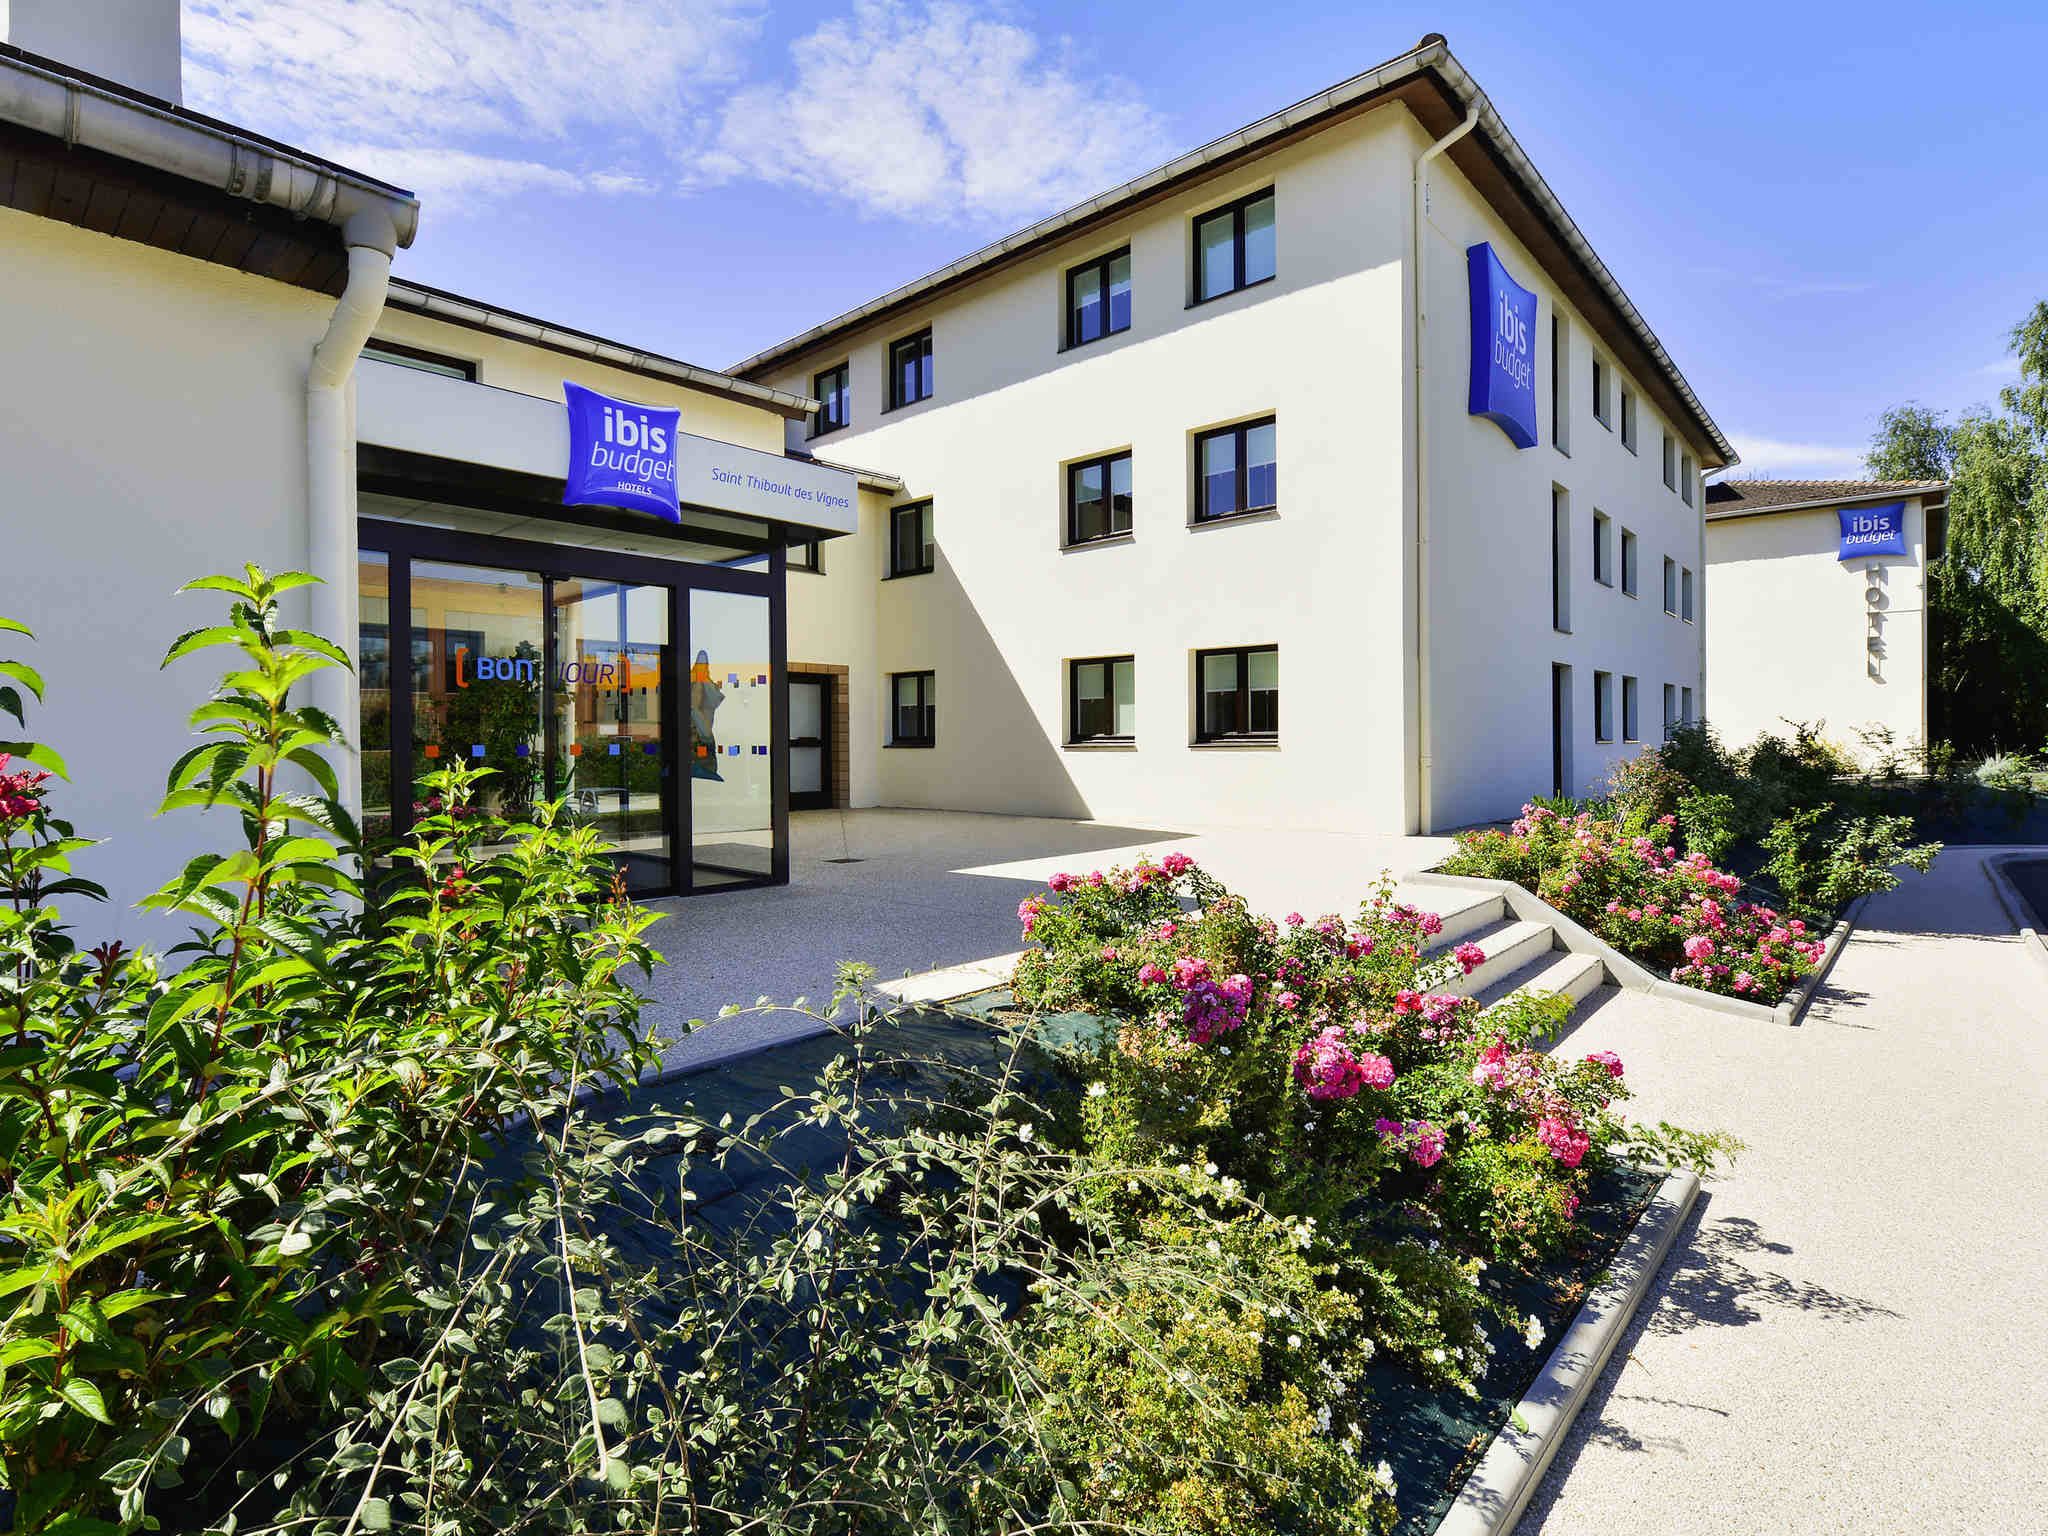 Hotel In St Thibault Des Vignes